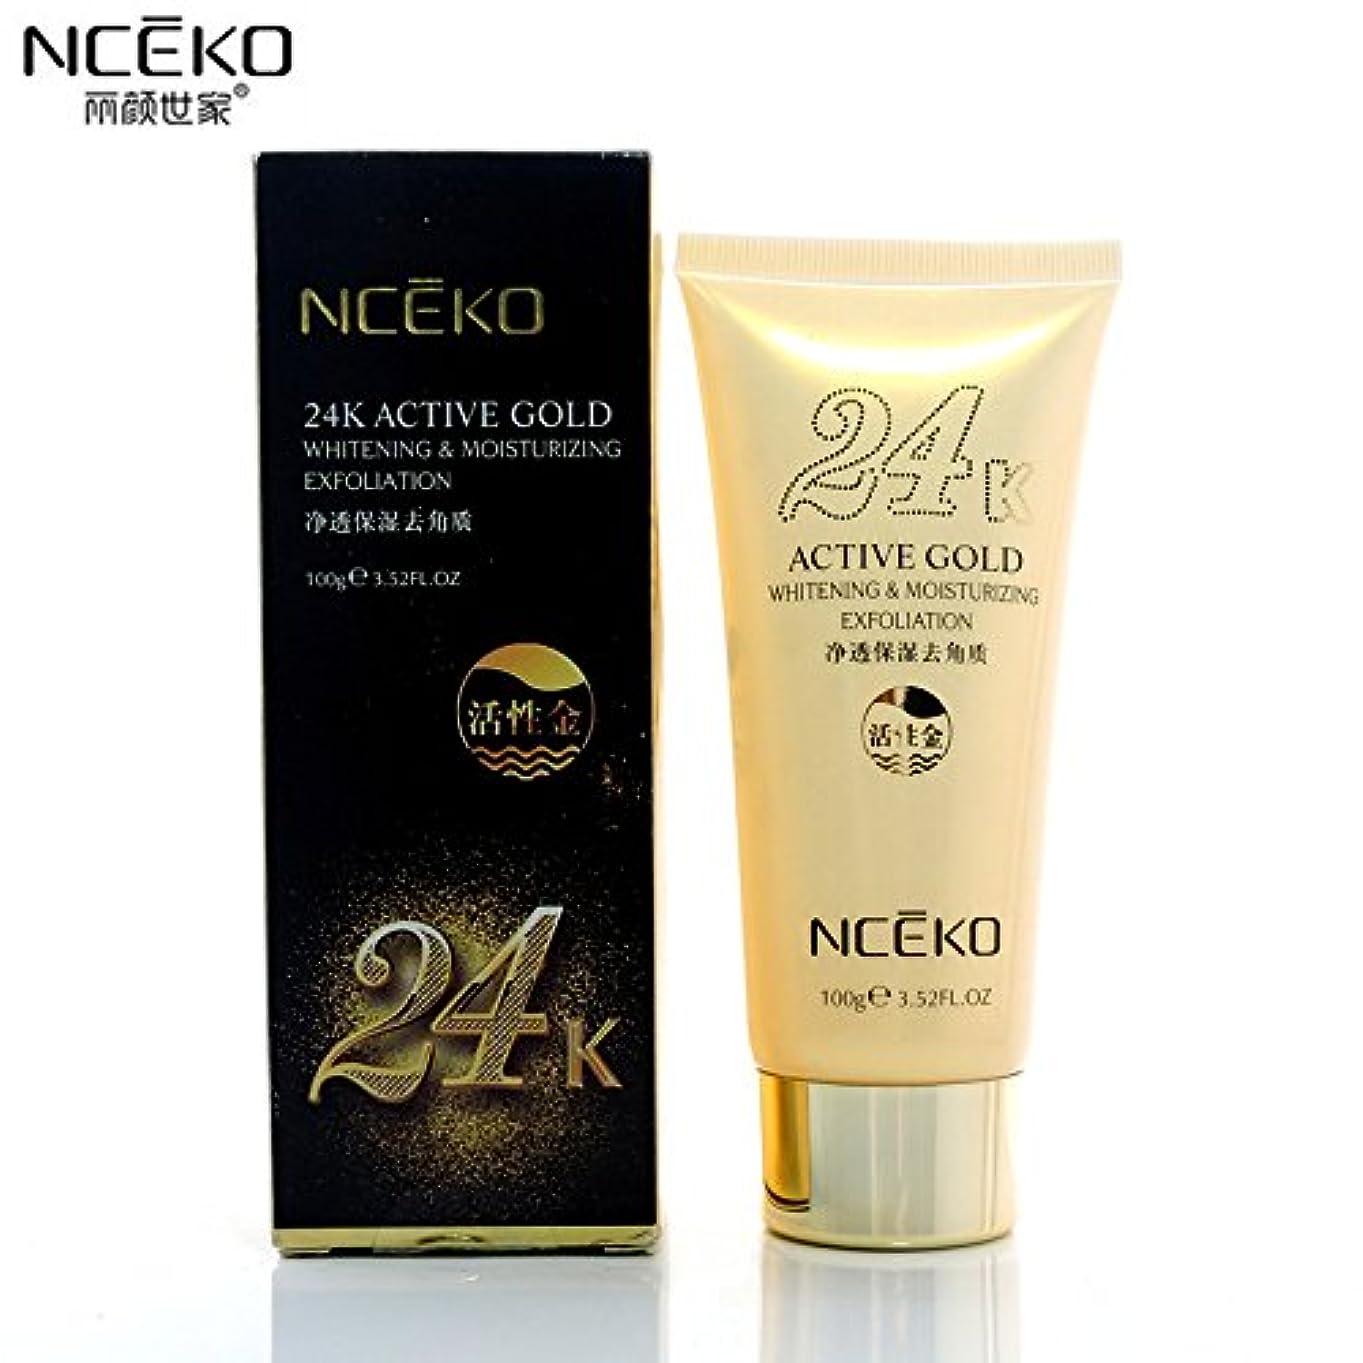 NCEKO 24Kアクティブフェイスクリームモイスチャライジングエクスフォリエイティングフェイスケアアンチリンクルエイジング寧ブライトニングクリーム